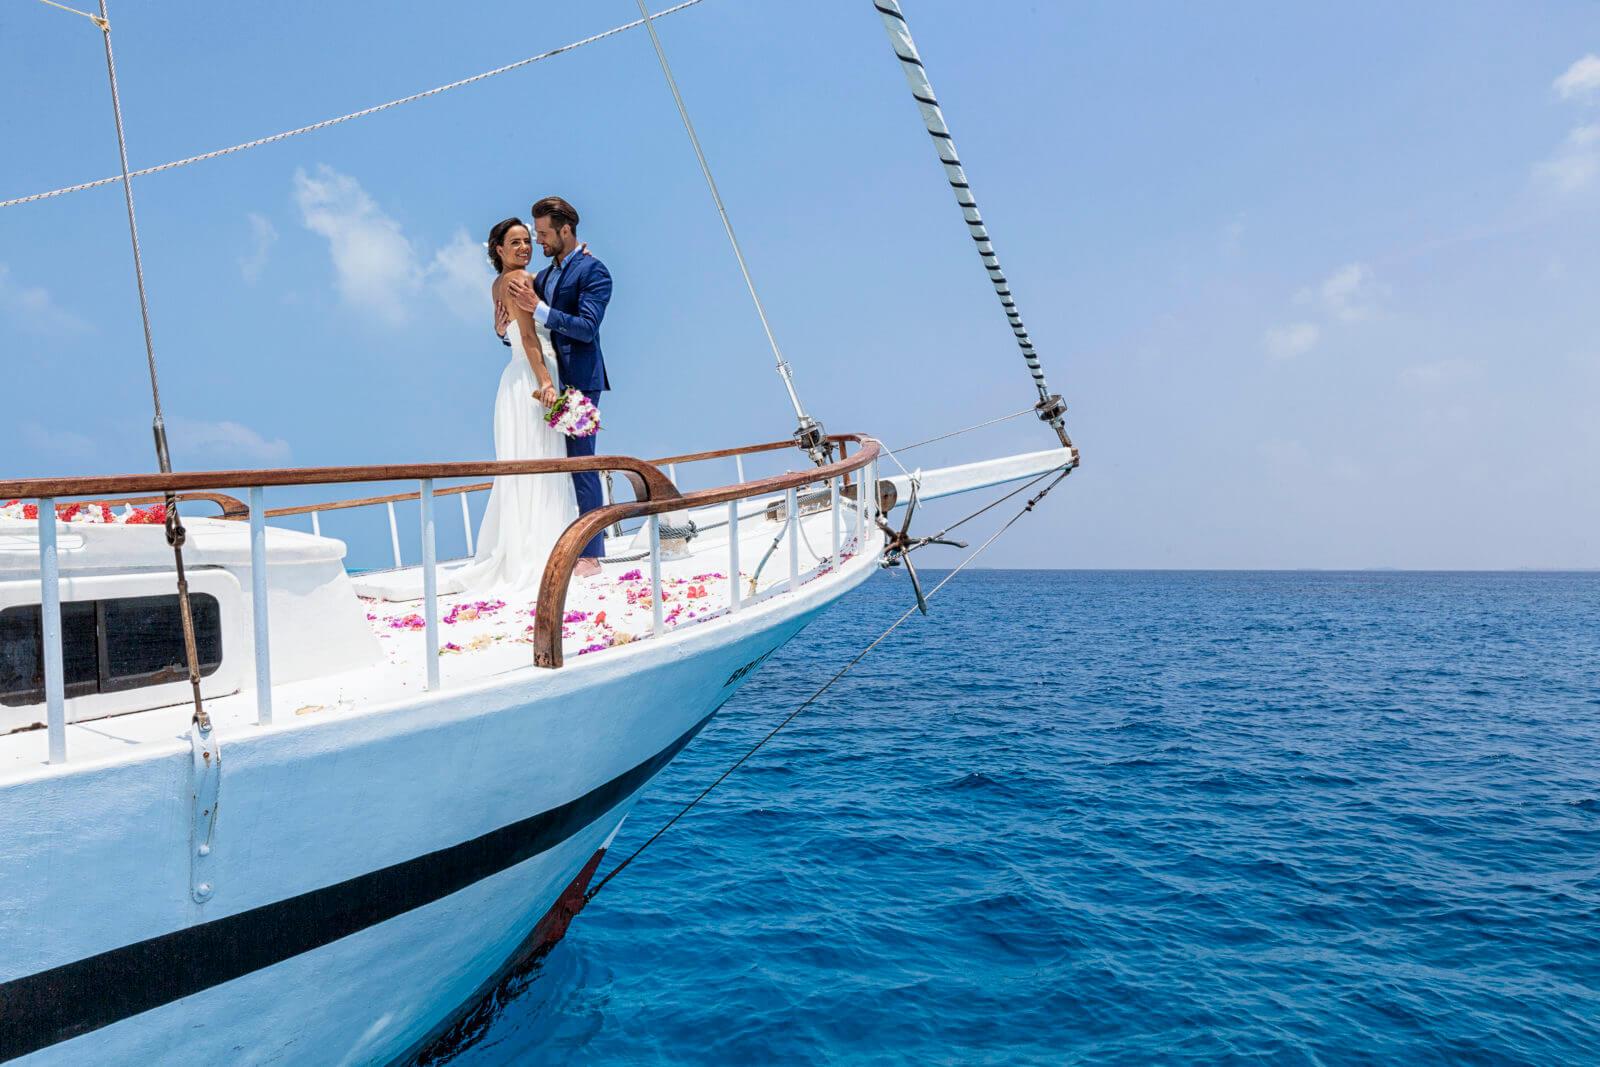 Mariage Aux Maldives Comment Tout Cela Se Passe